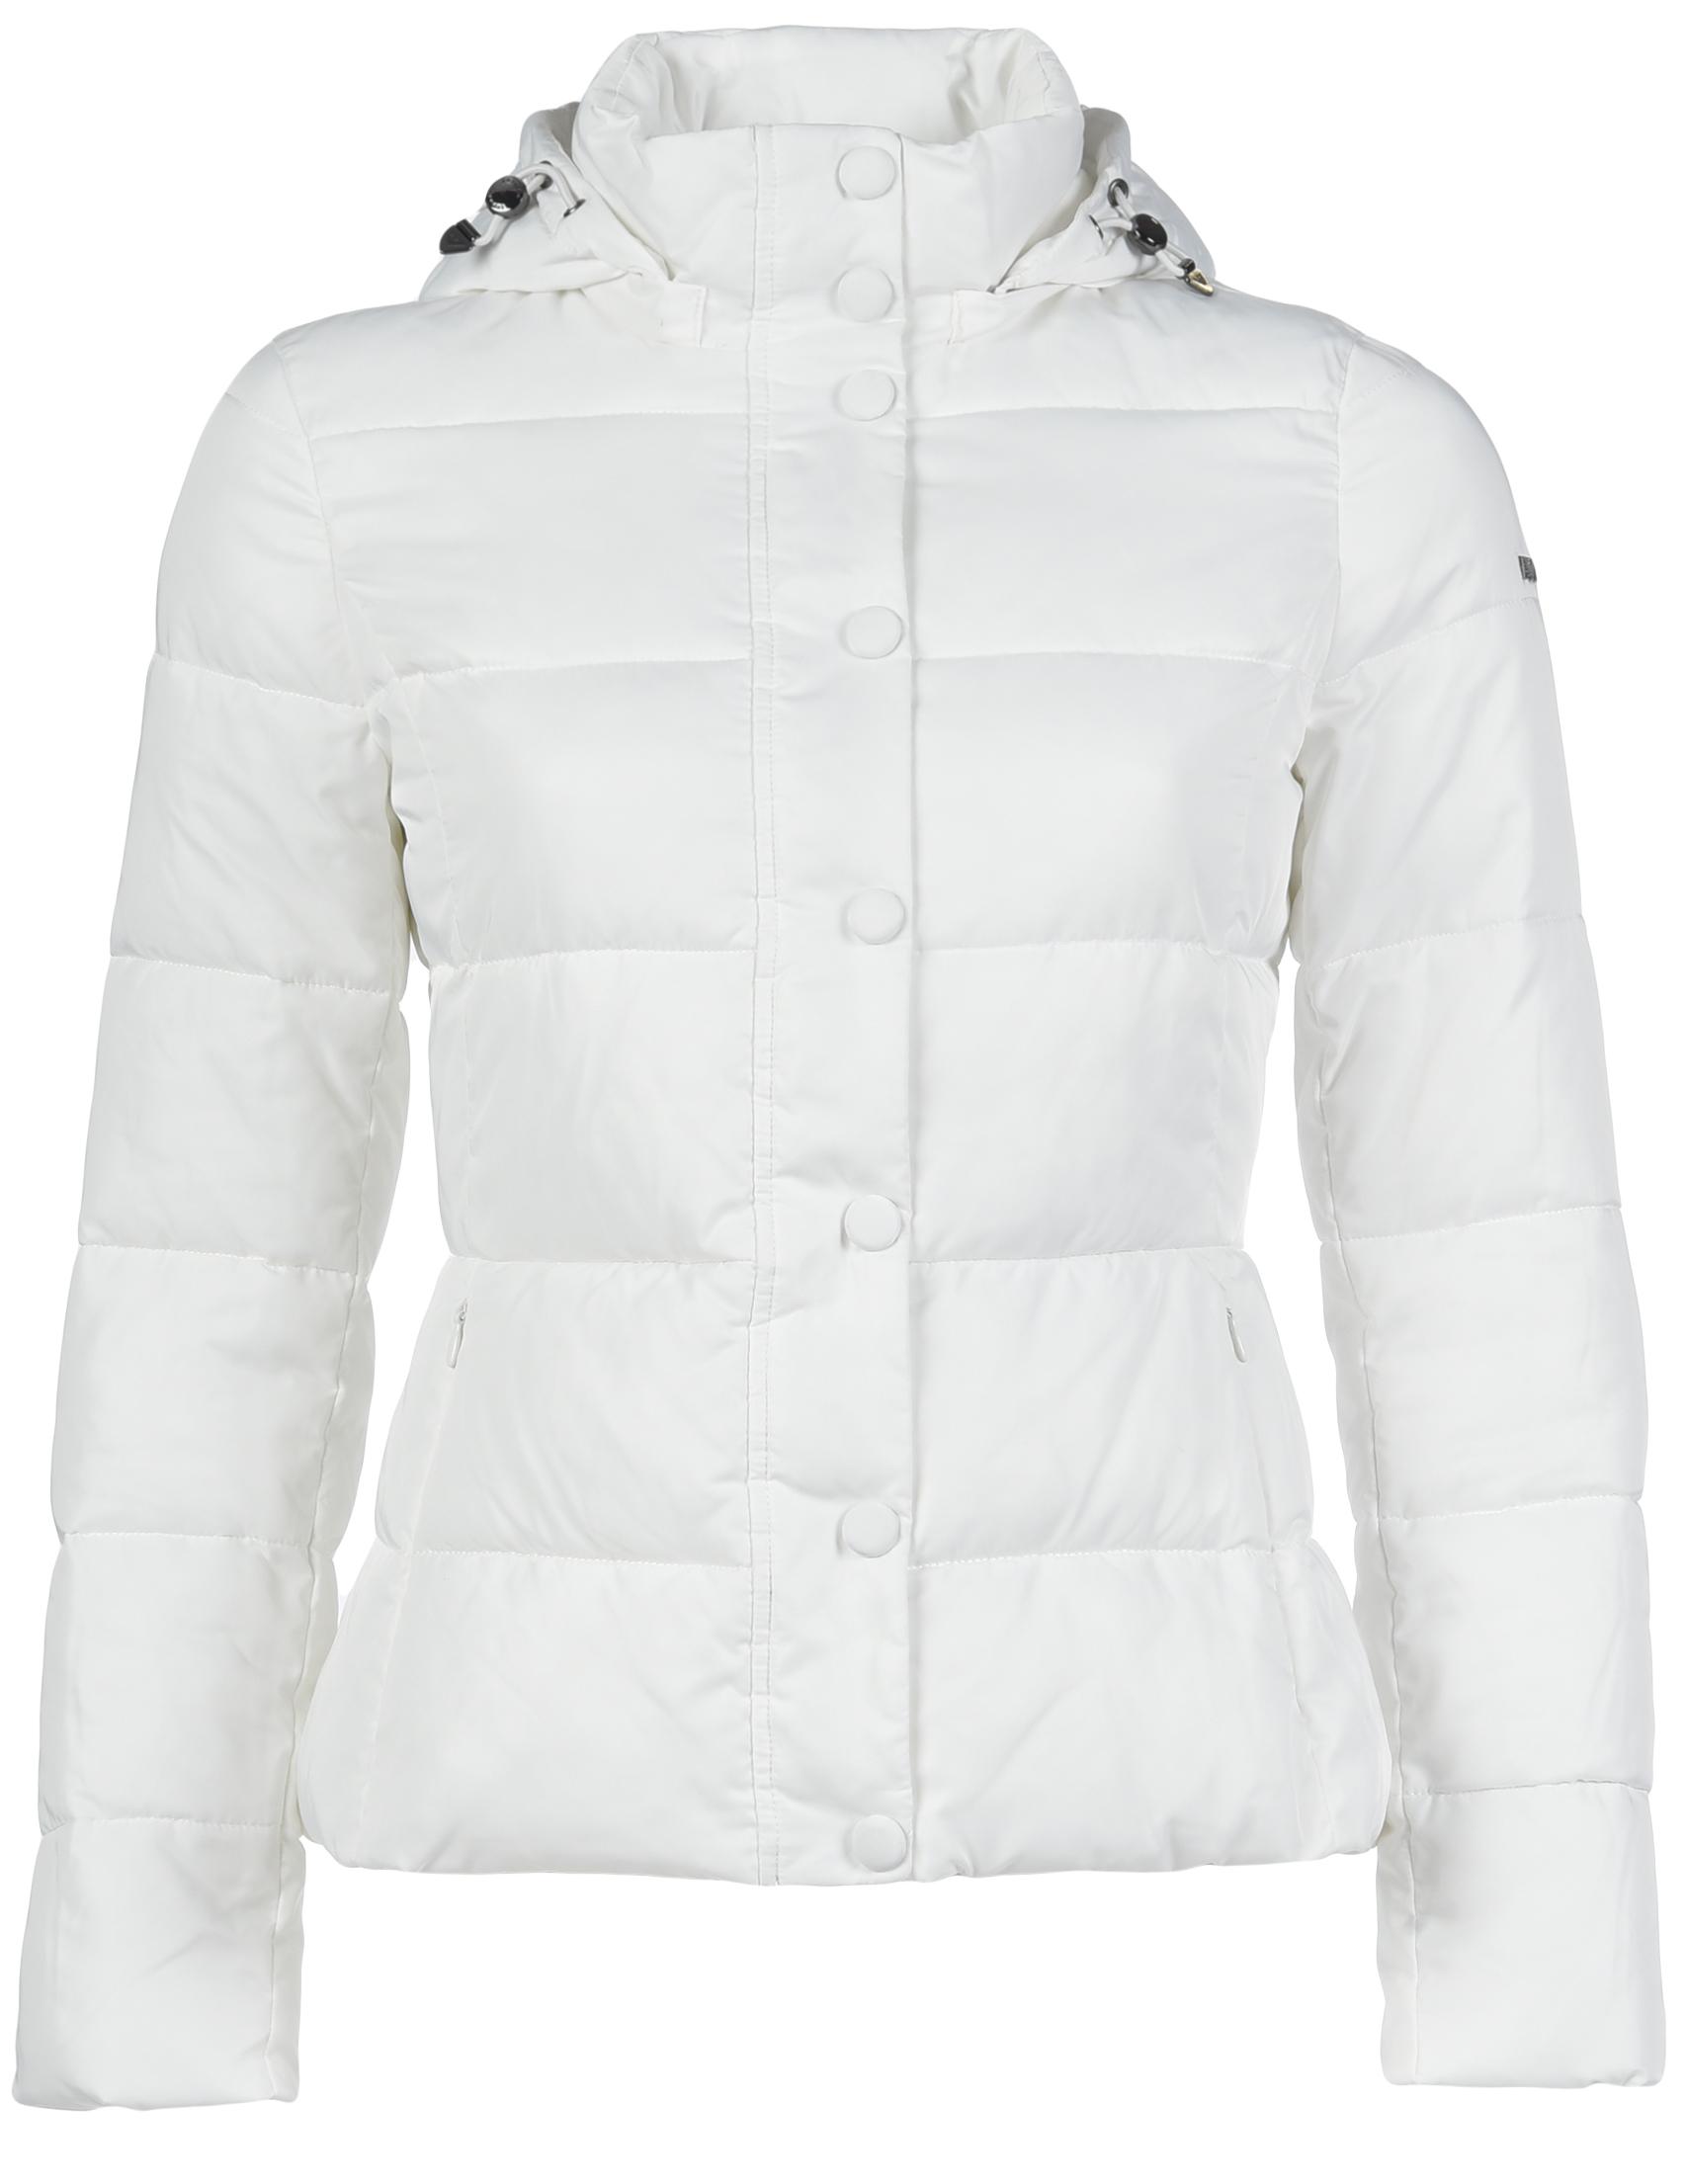 Купить Куртка, EMPORIO ARMANI, Белый, 100%Полиэстер, Осень-Зима